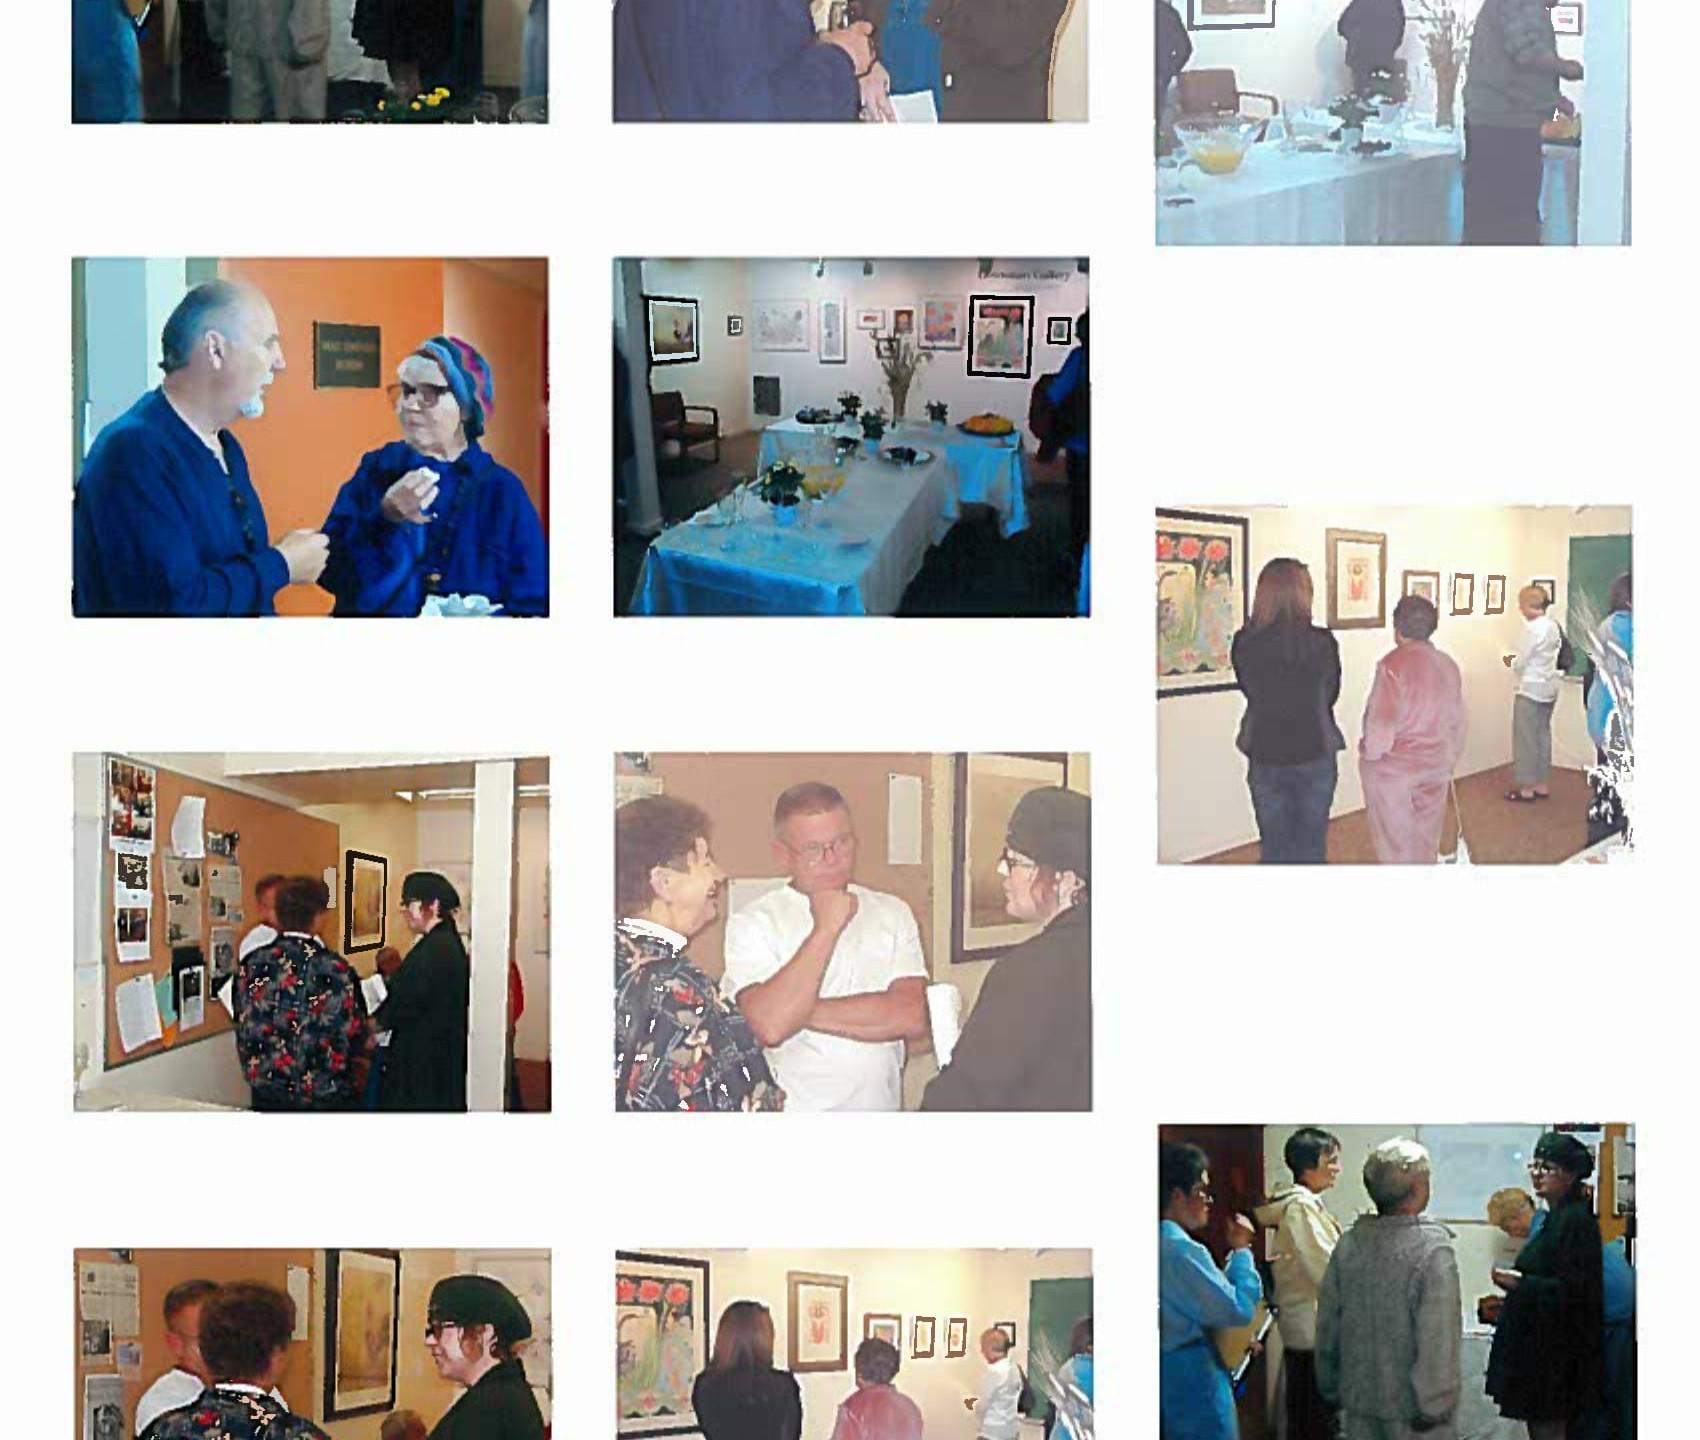 Setpember 2004 - Linda Telearico - Art+-1